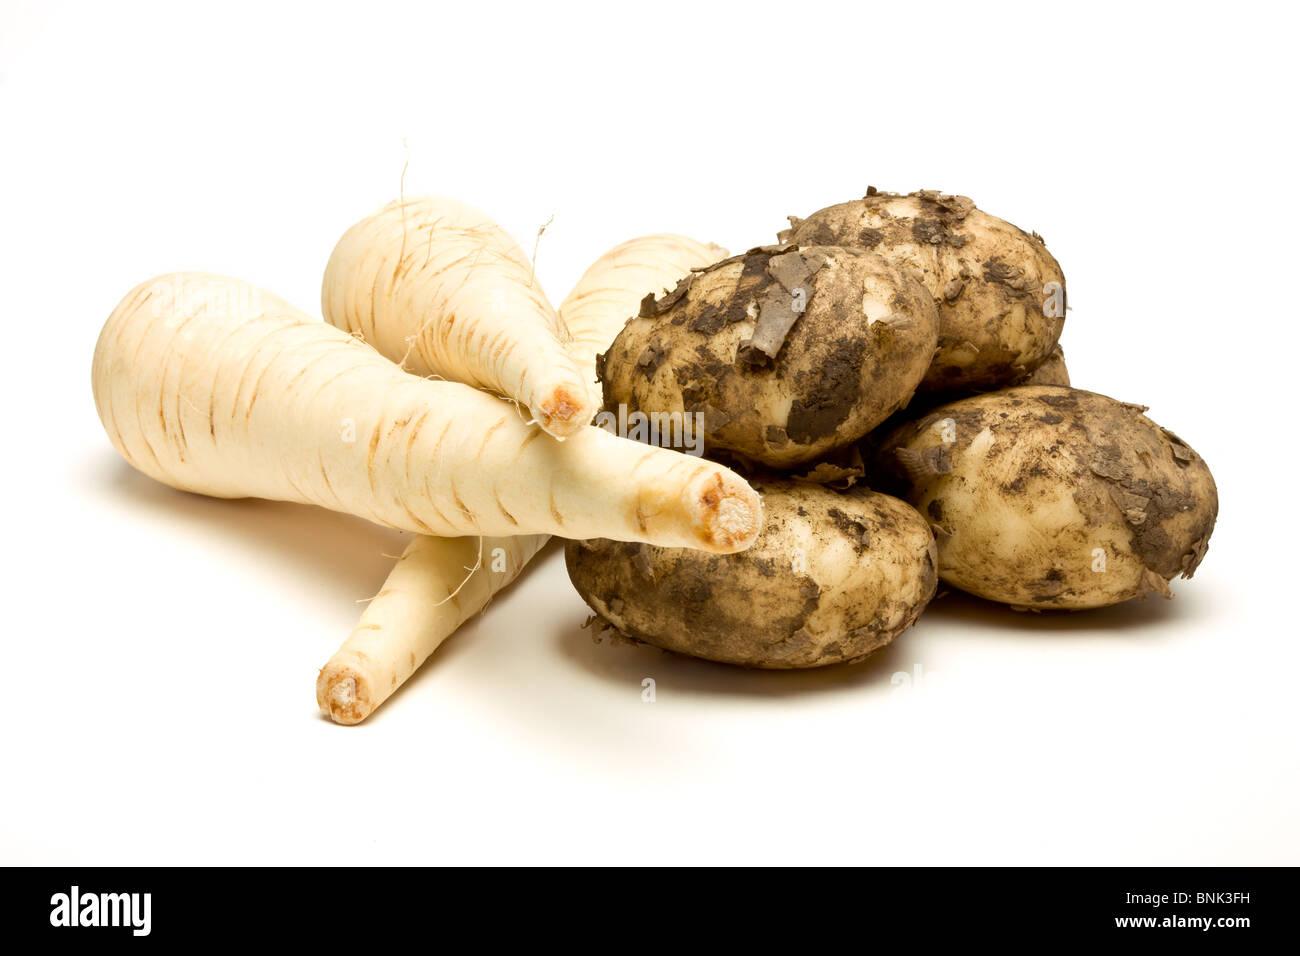 Ortaggi a radice di pastinaca e le patate di primizia da basso prospettica isolata contro uno sfondo bianco. Immagini Stock